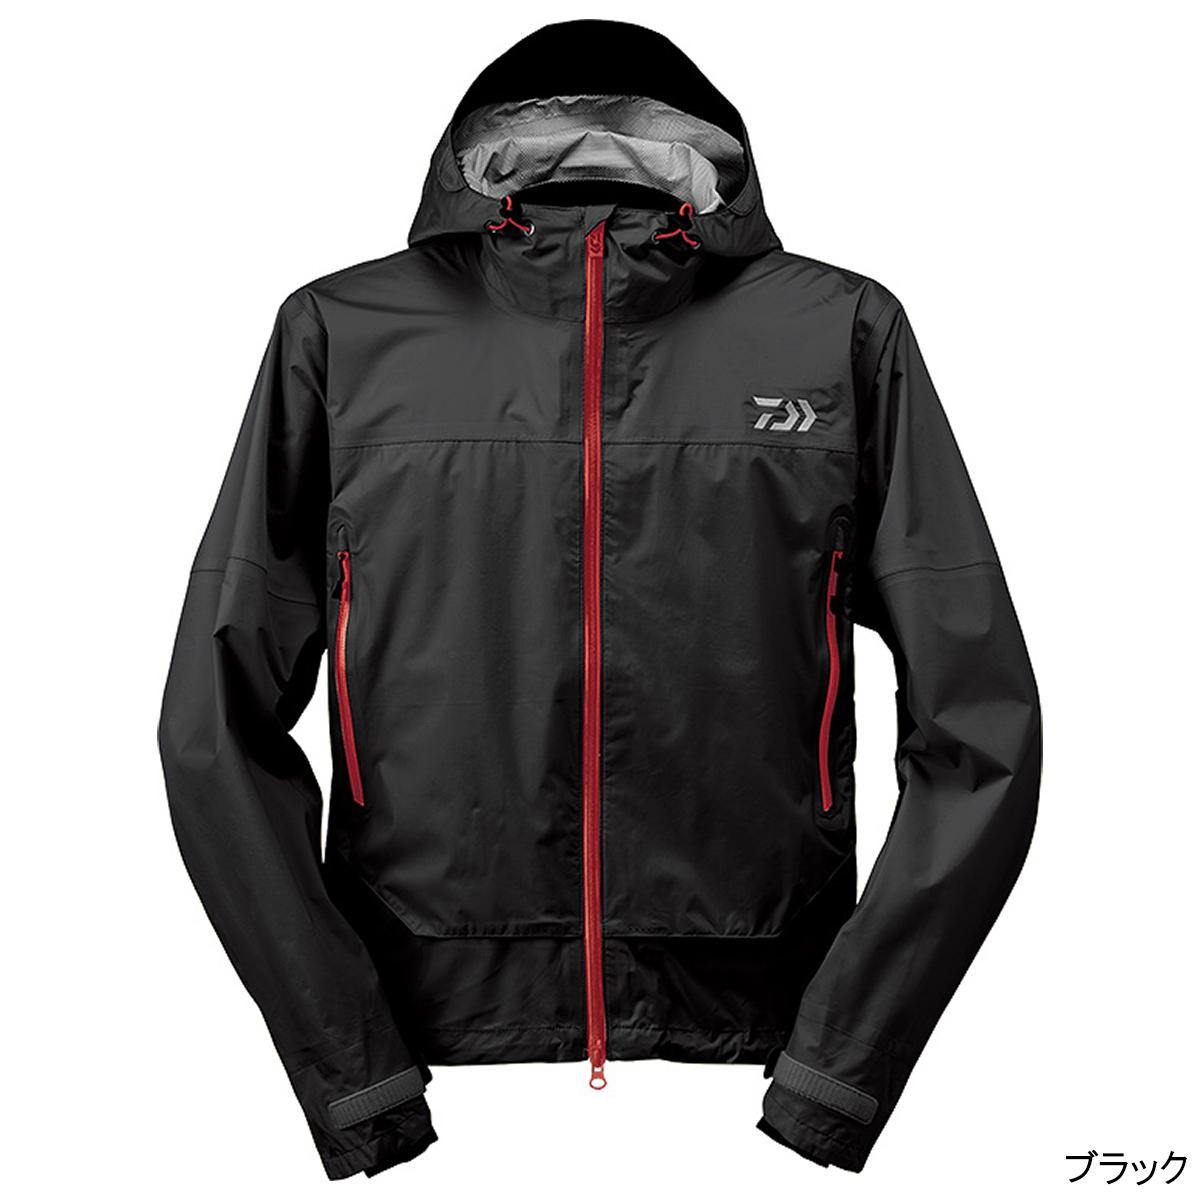 ダイワ レインマックス ショートレインジャケット DR-39009J XL ブラック【送料無料】